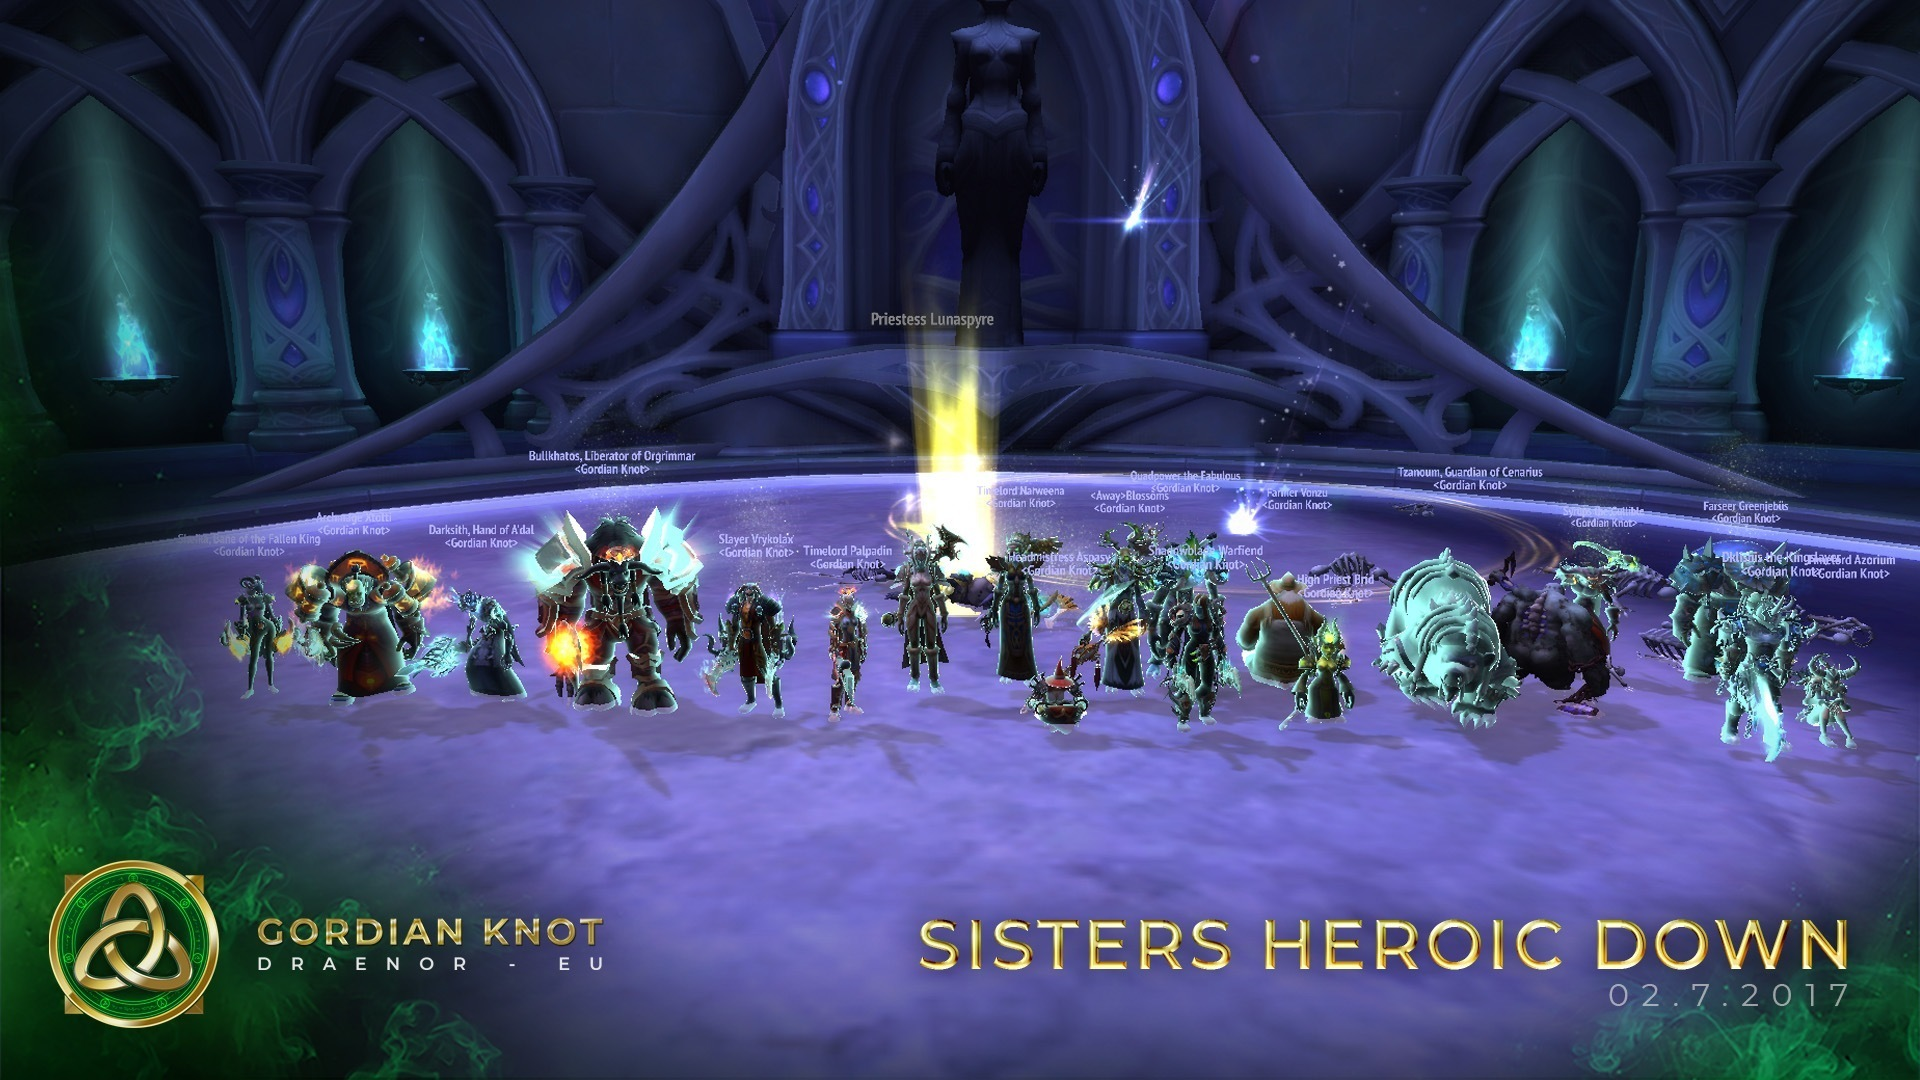 Sisters Heroic